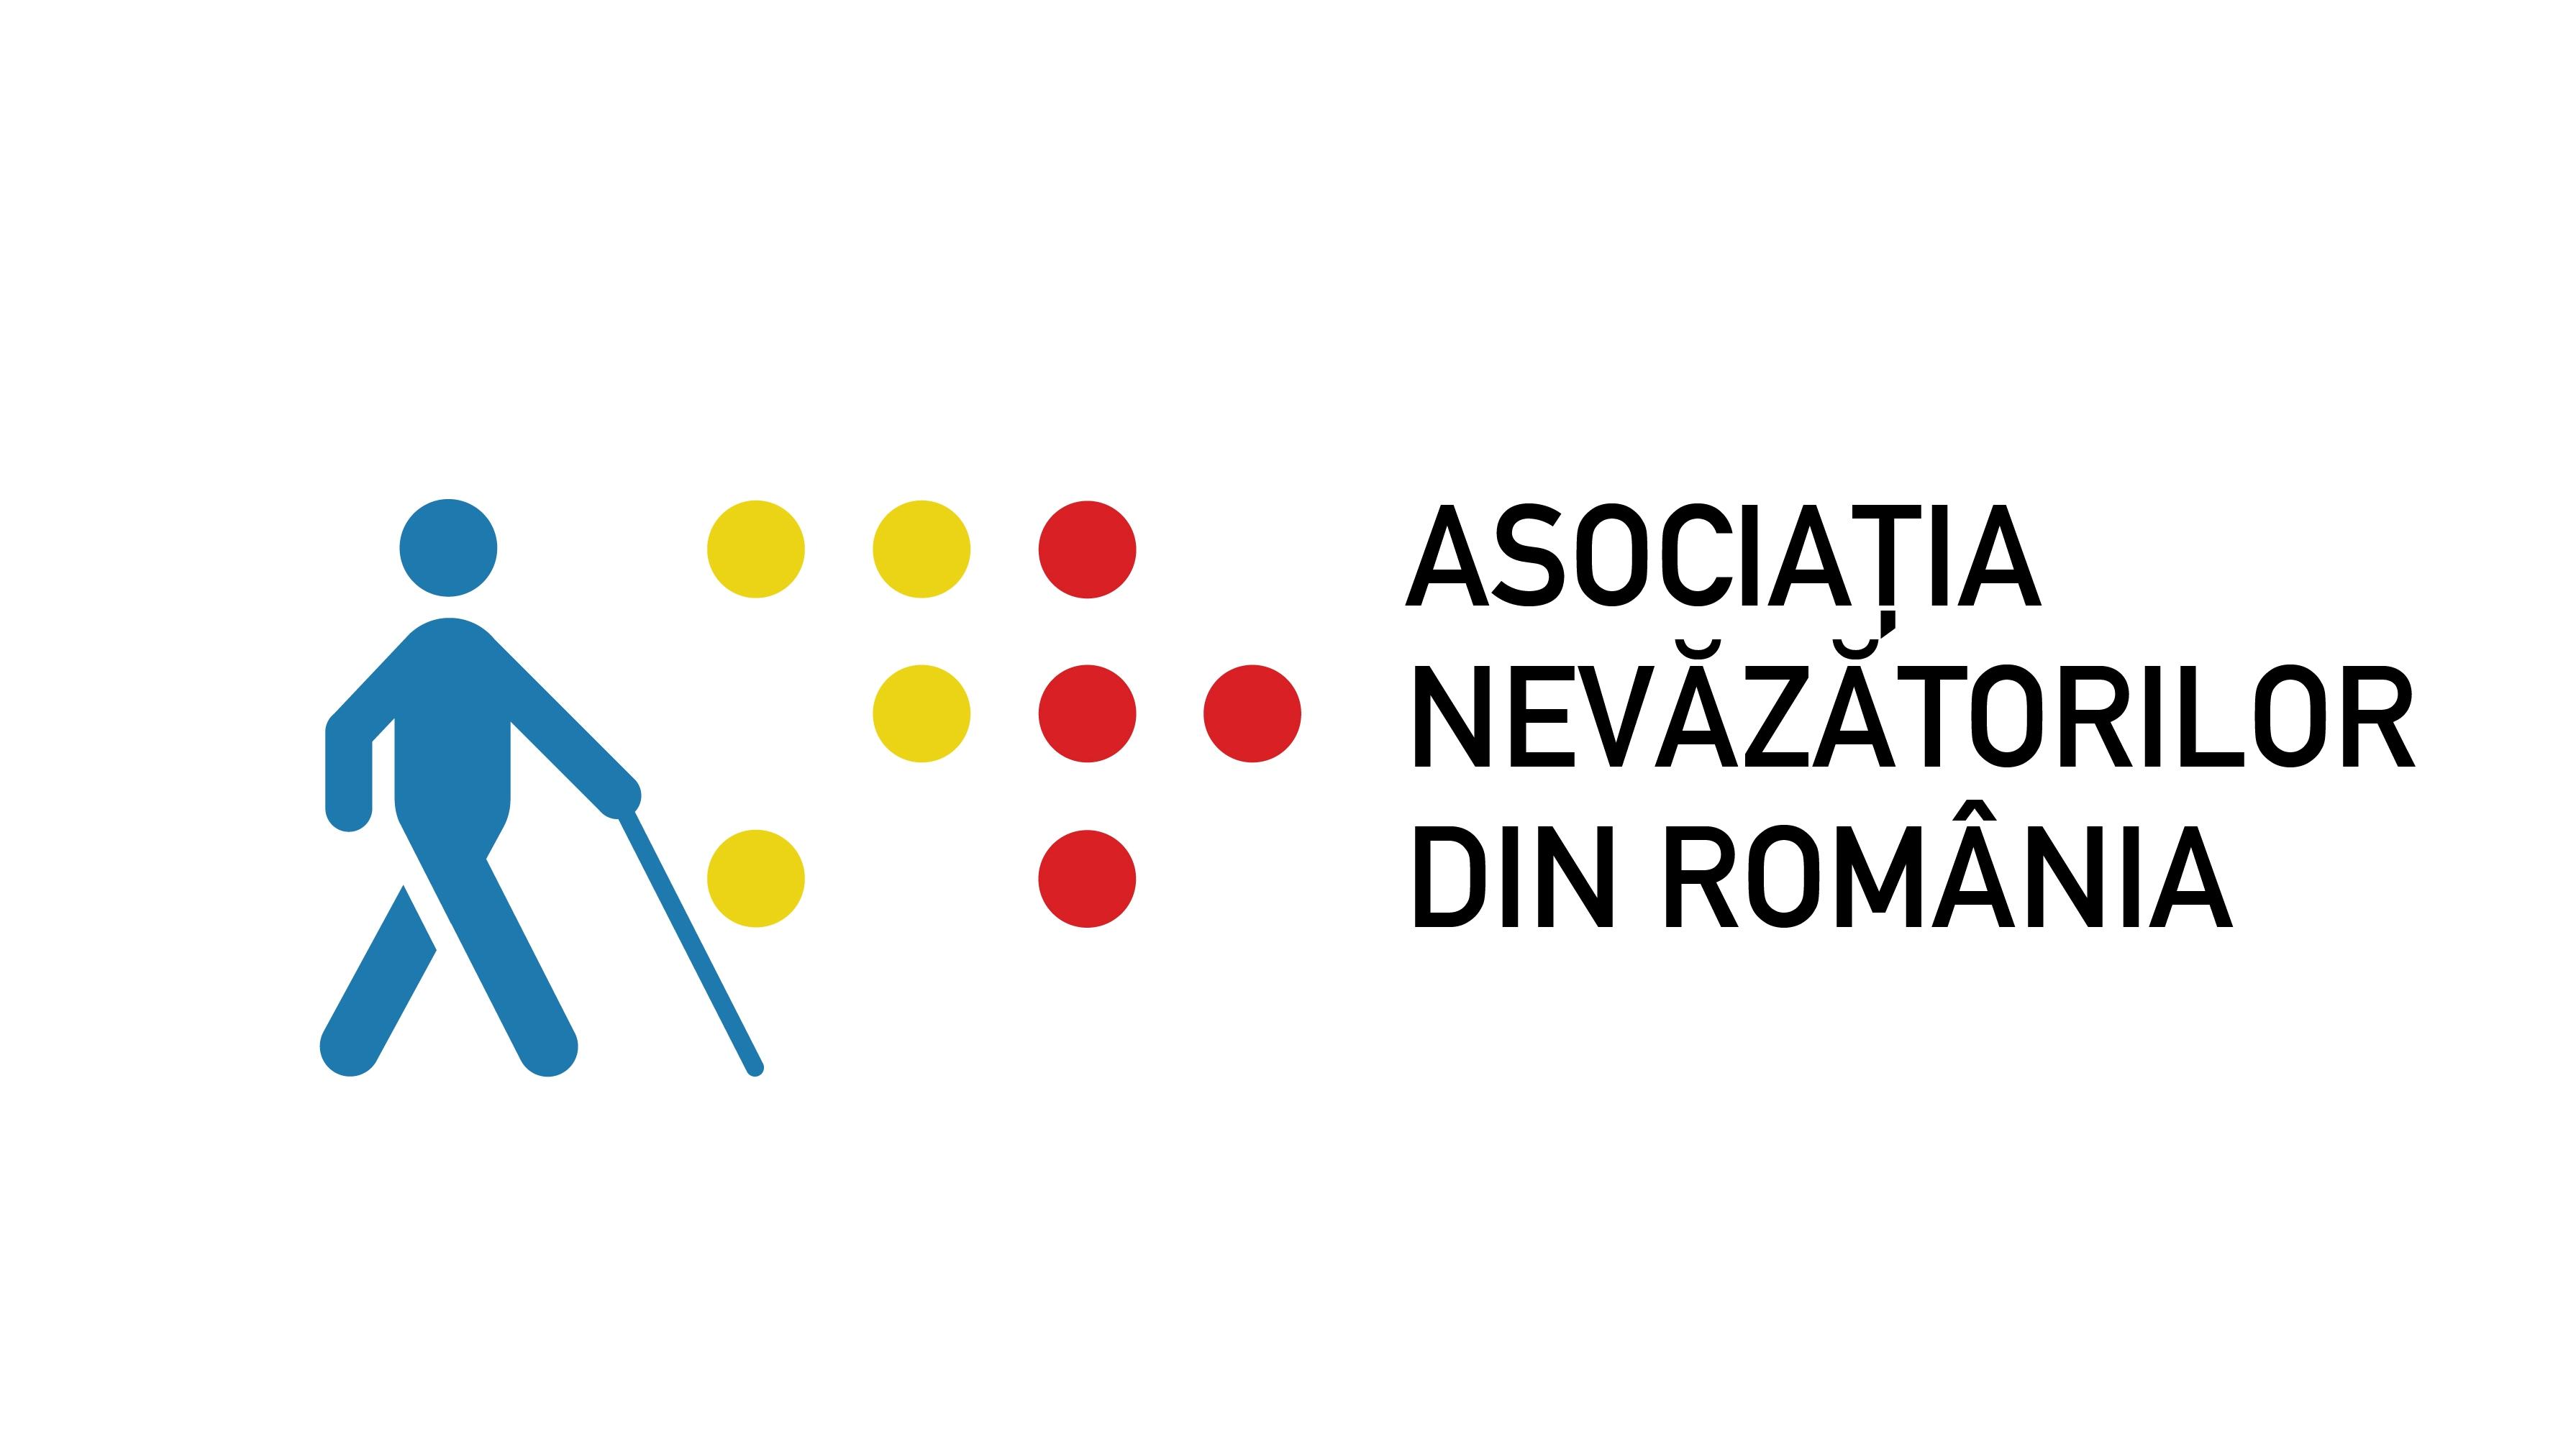 Asociatia Nevazatorilor din Romania logo